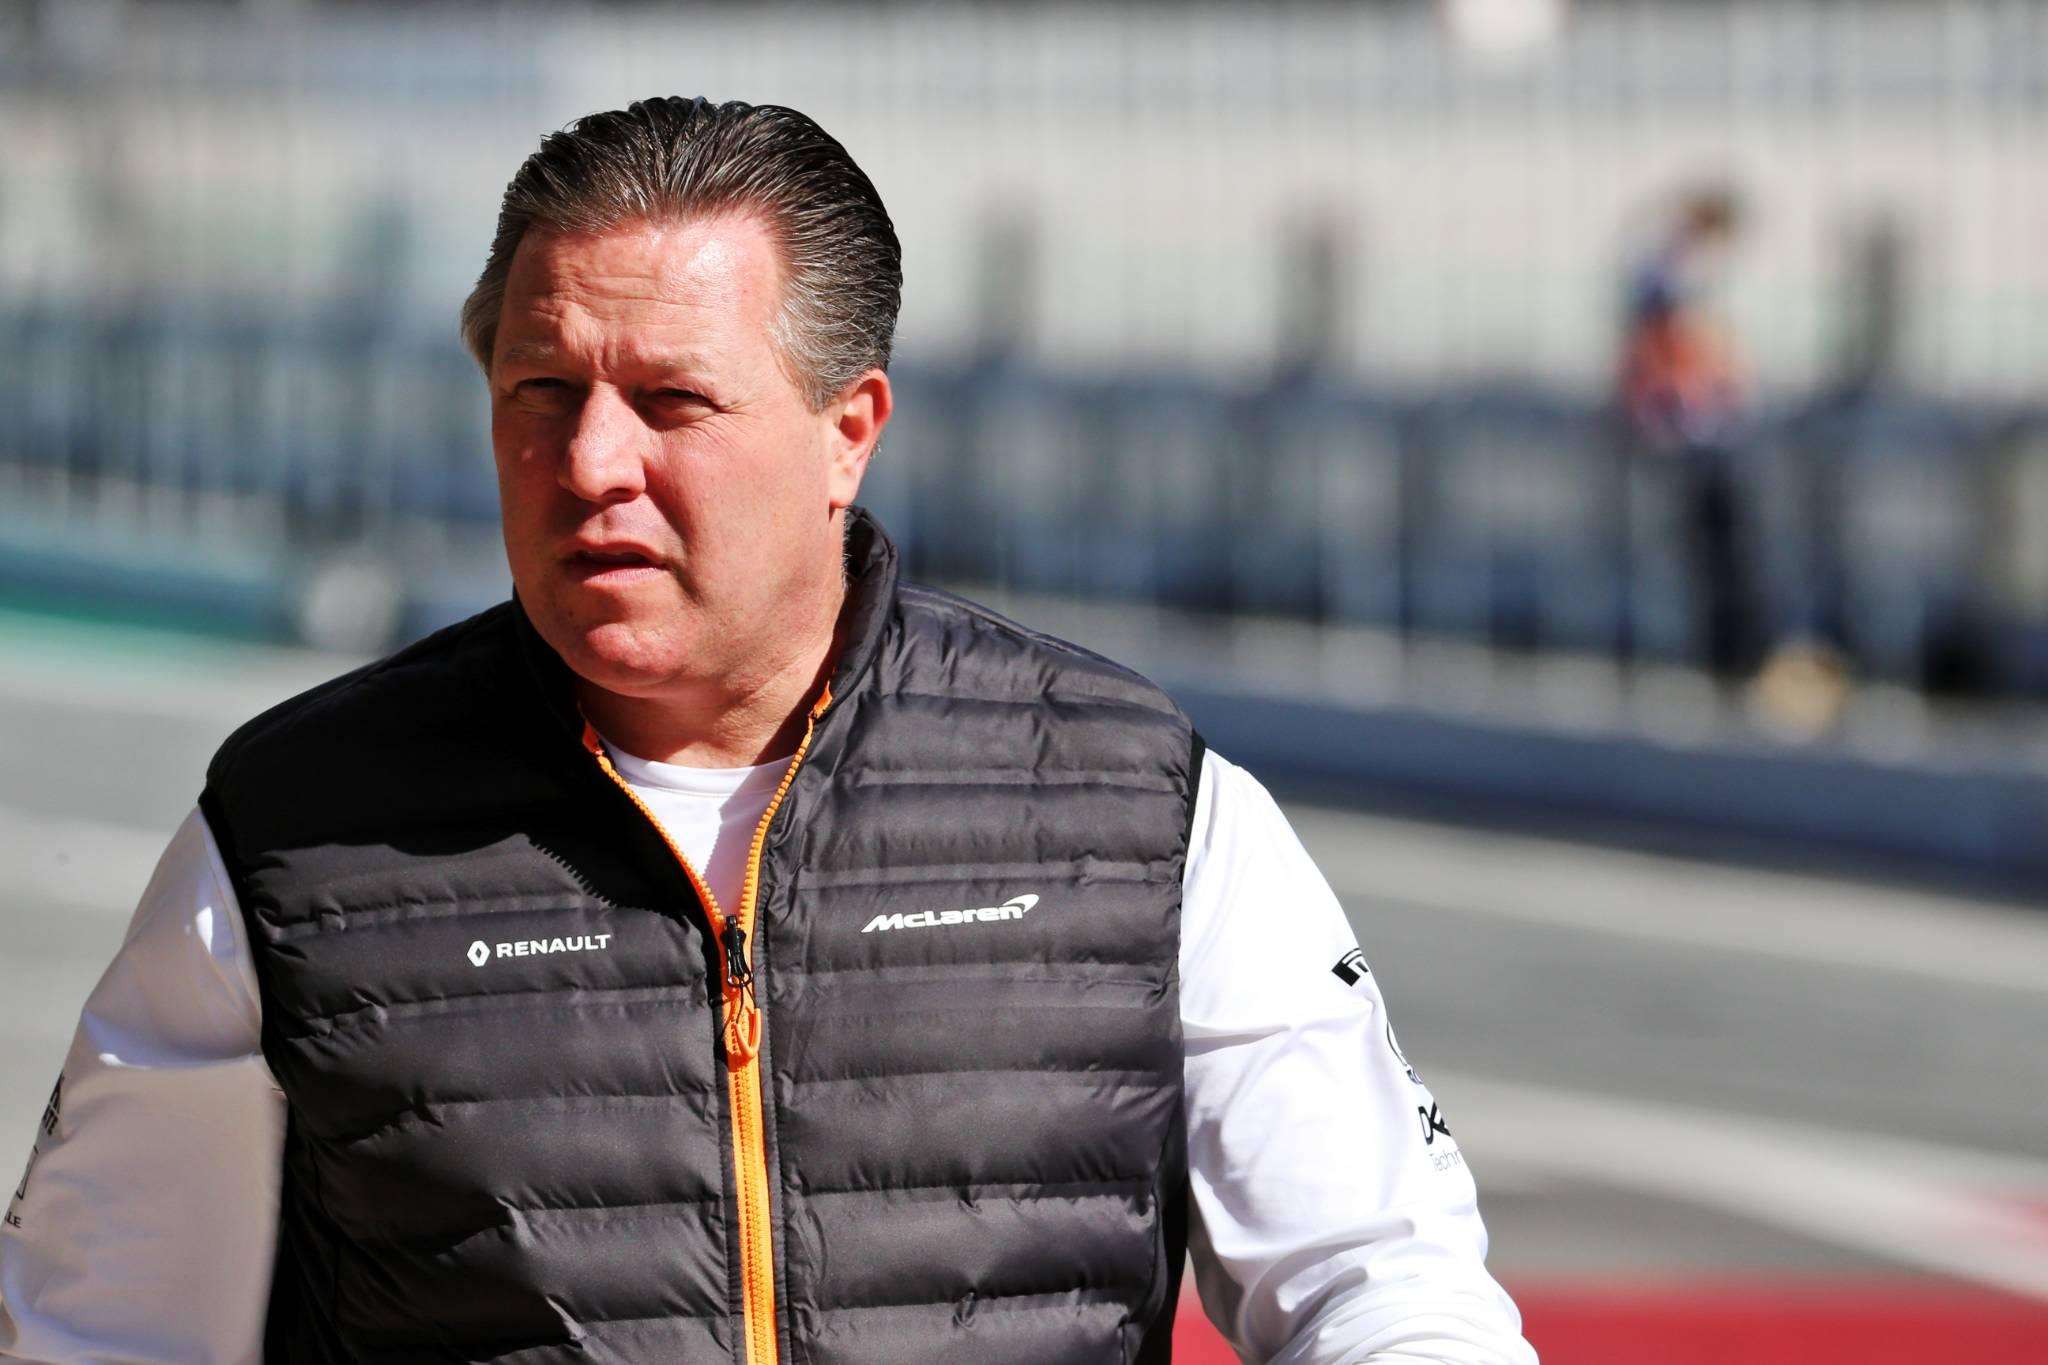 Zak Brown (USA) McLaren Executive Director.